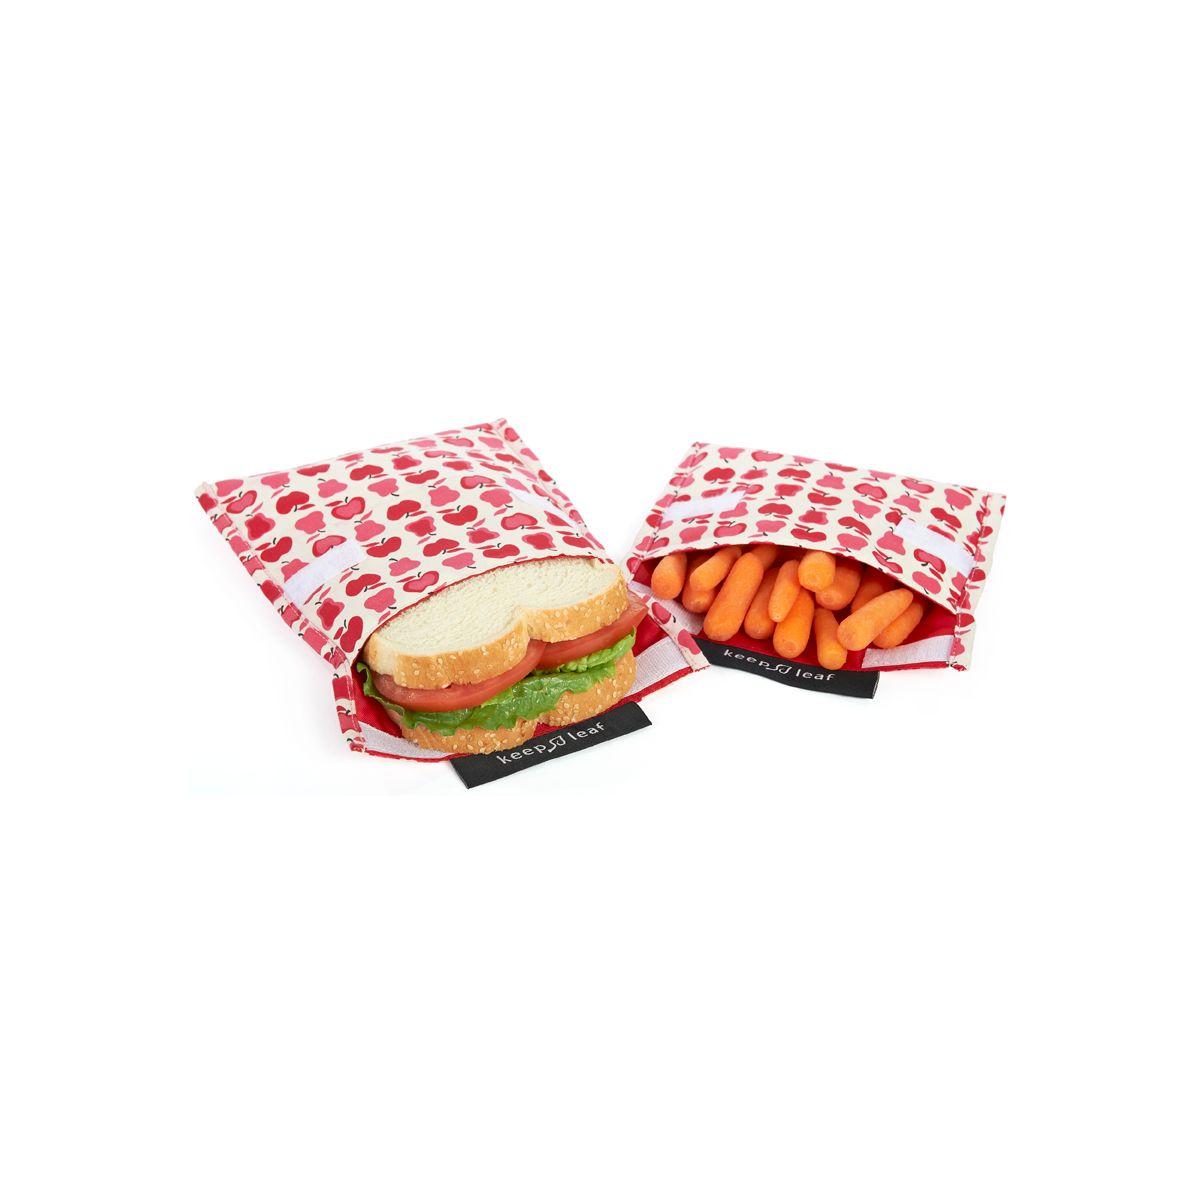 pochette r utilisable pour go ters et sandwichs motif avions sebio. Black Bedroom Furniture Sets. Home Design Ideas